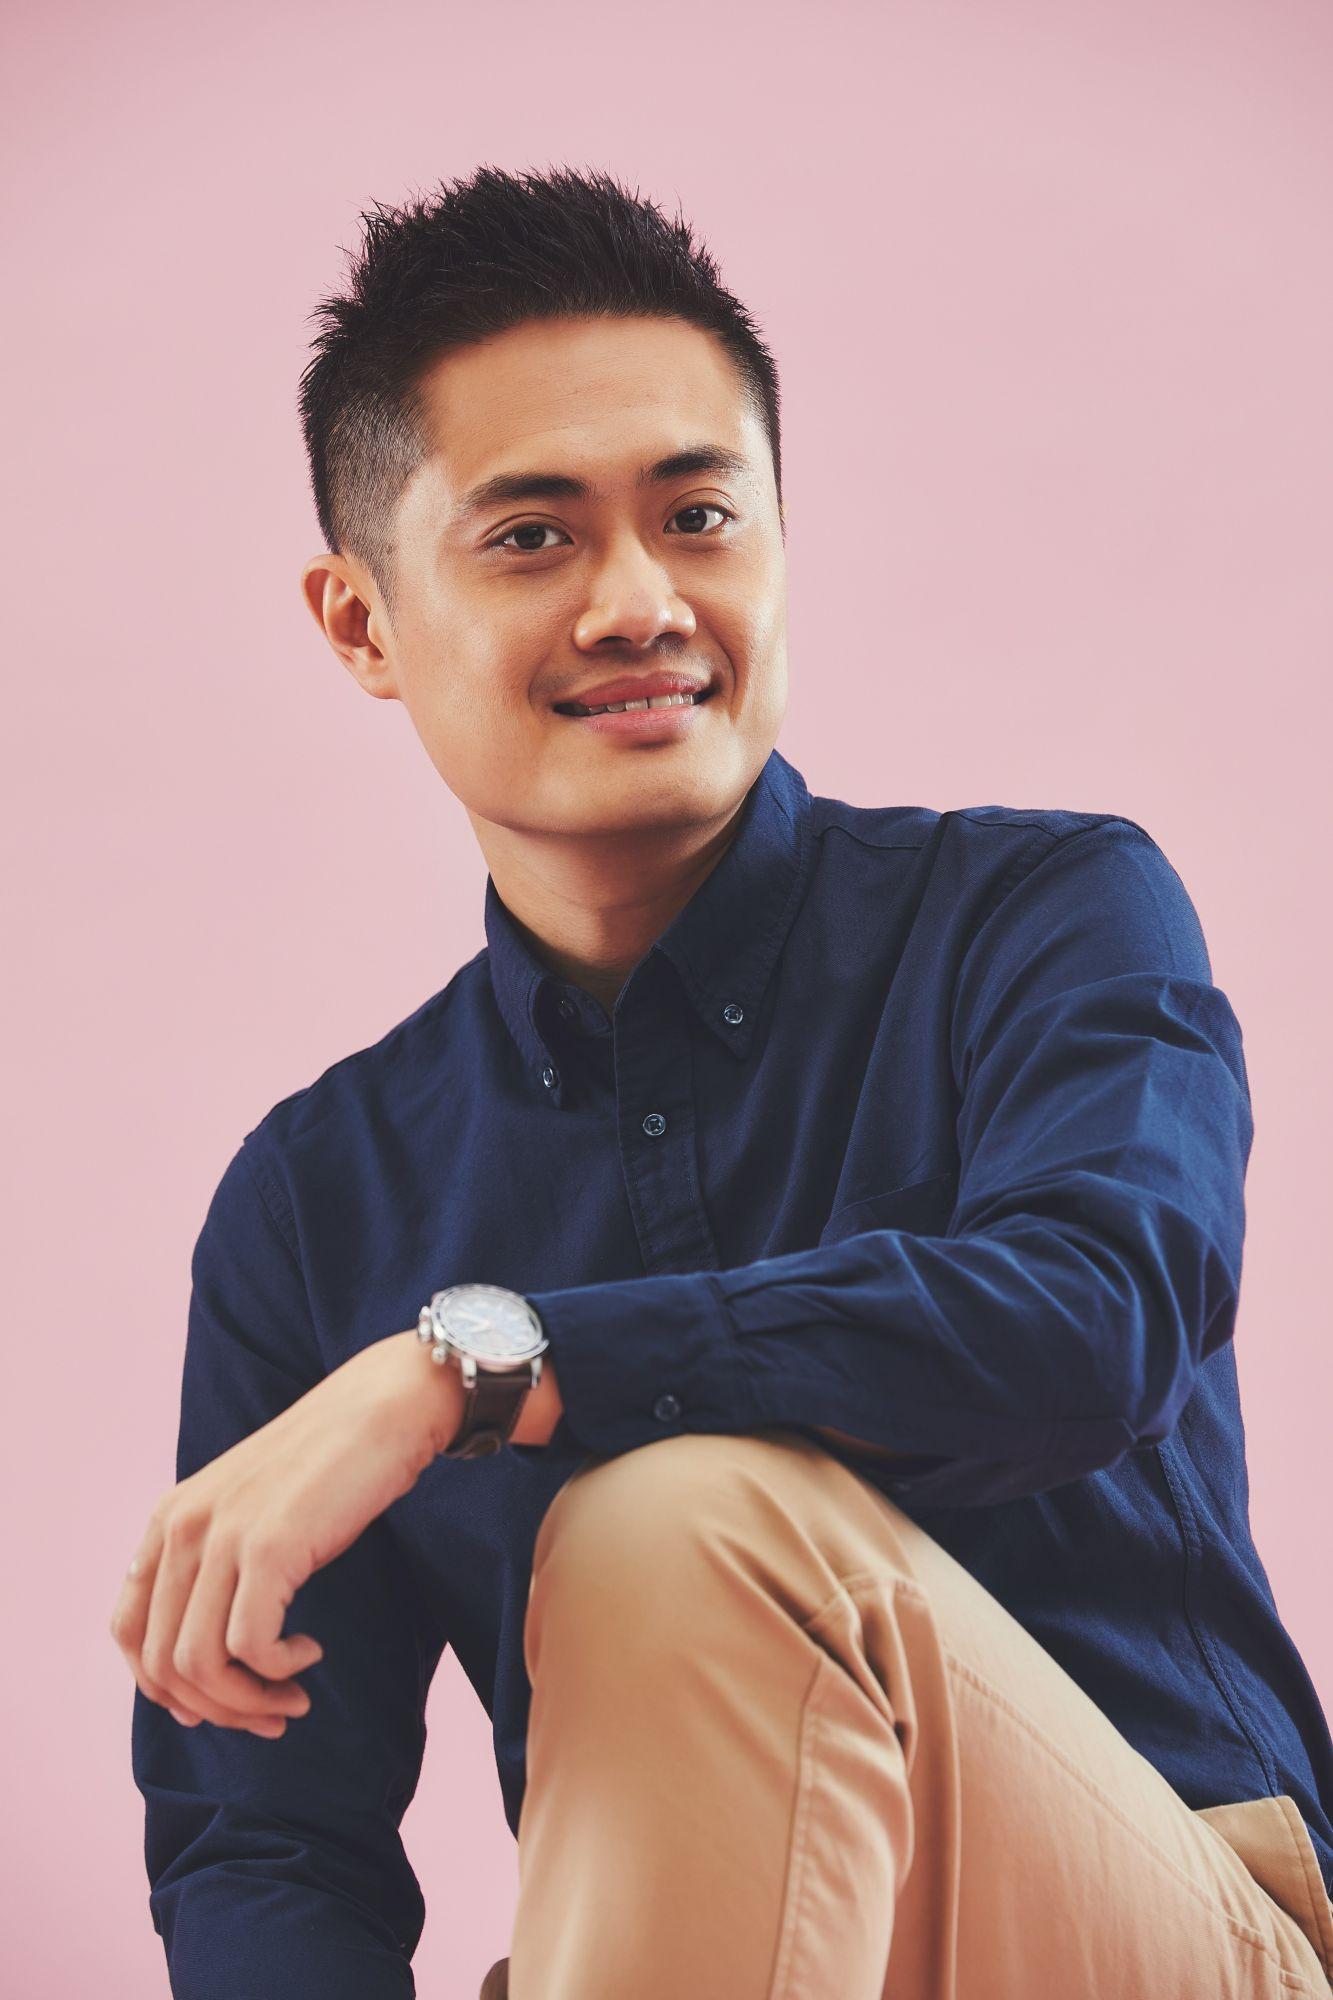 Liu Tianwei